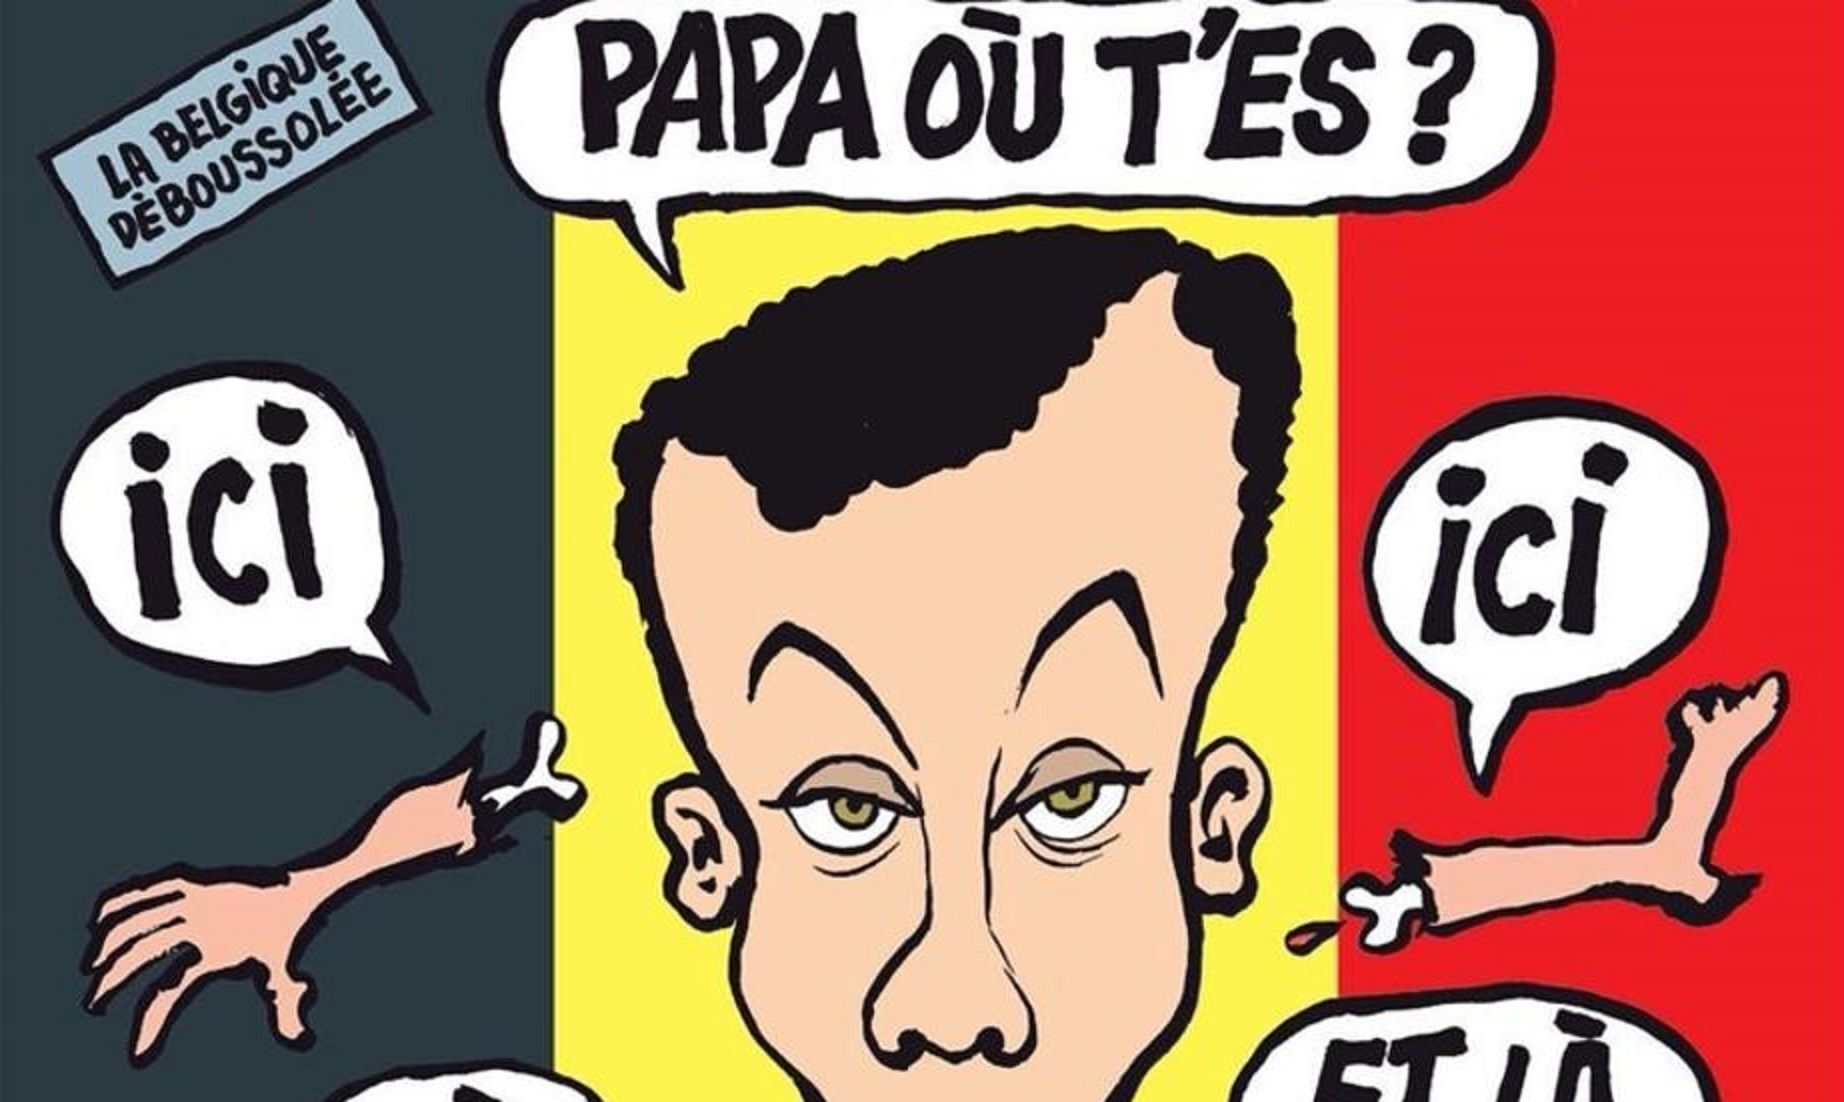 Charlie Hebdo desata polémica con una portada que se burla de los atentados en Bruselas